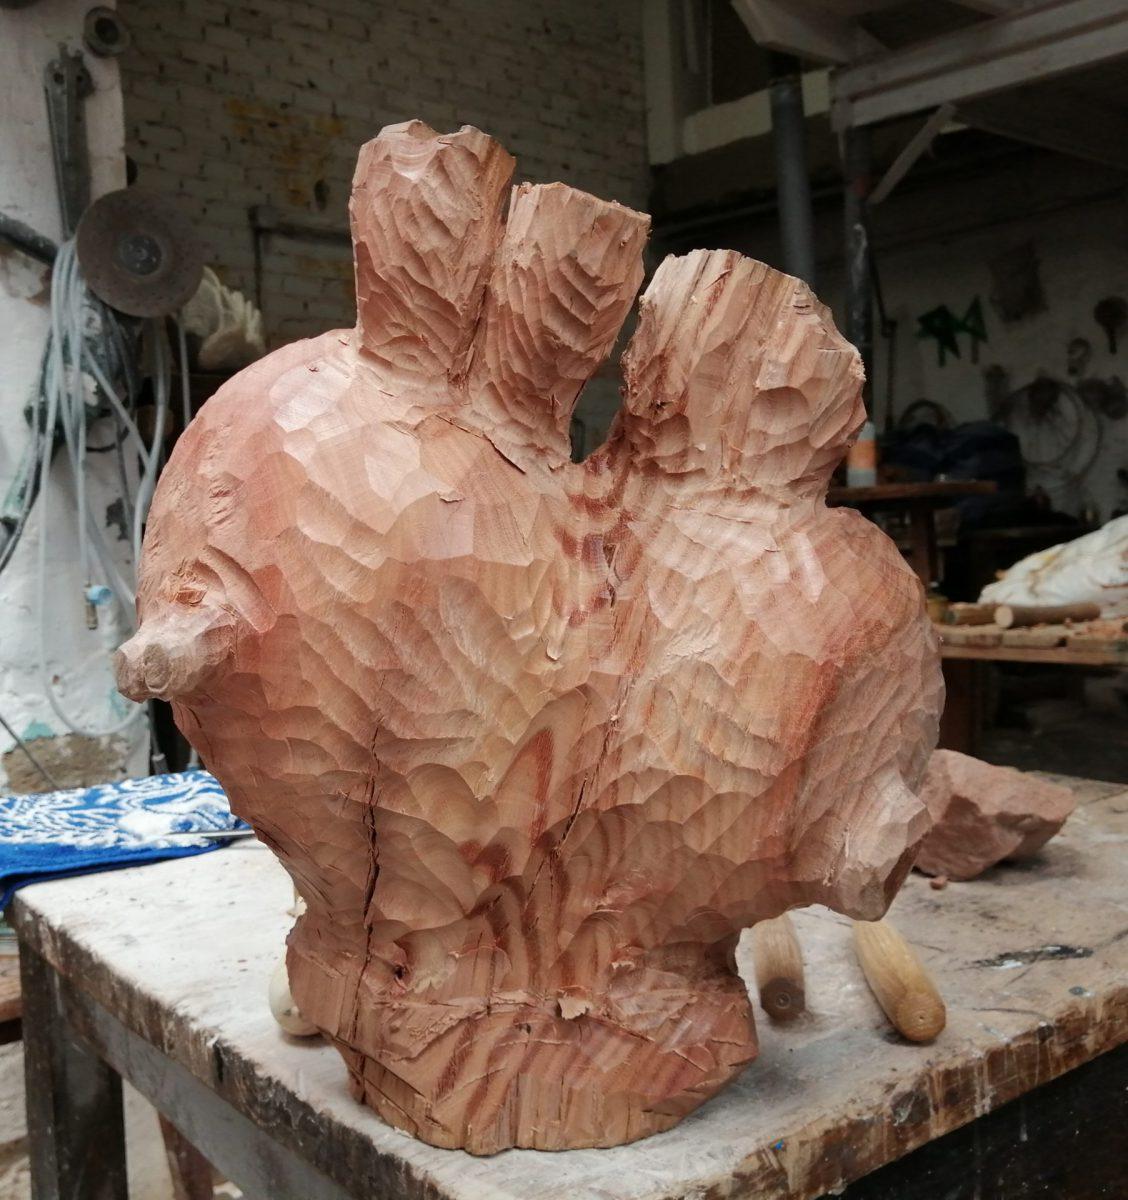 Ya queda menos para poder tallar, modelar, hacer escultura